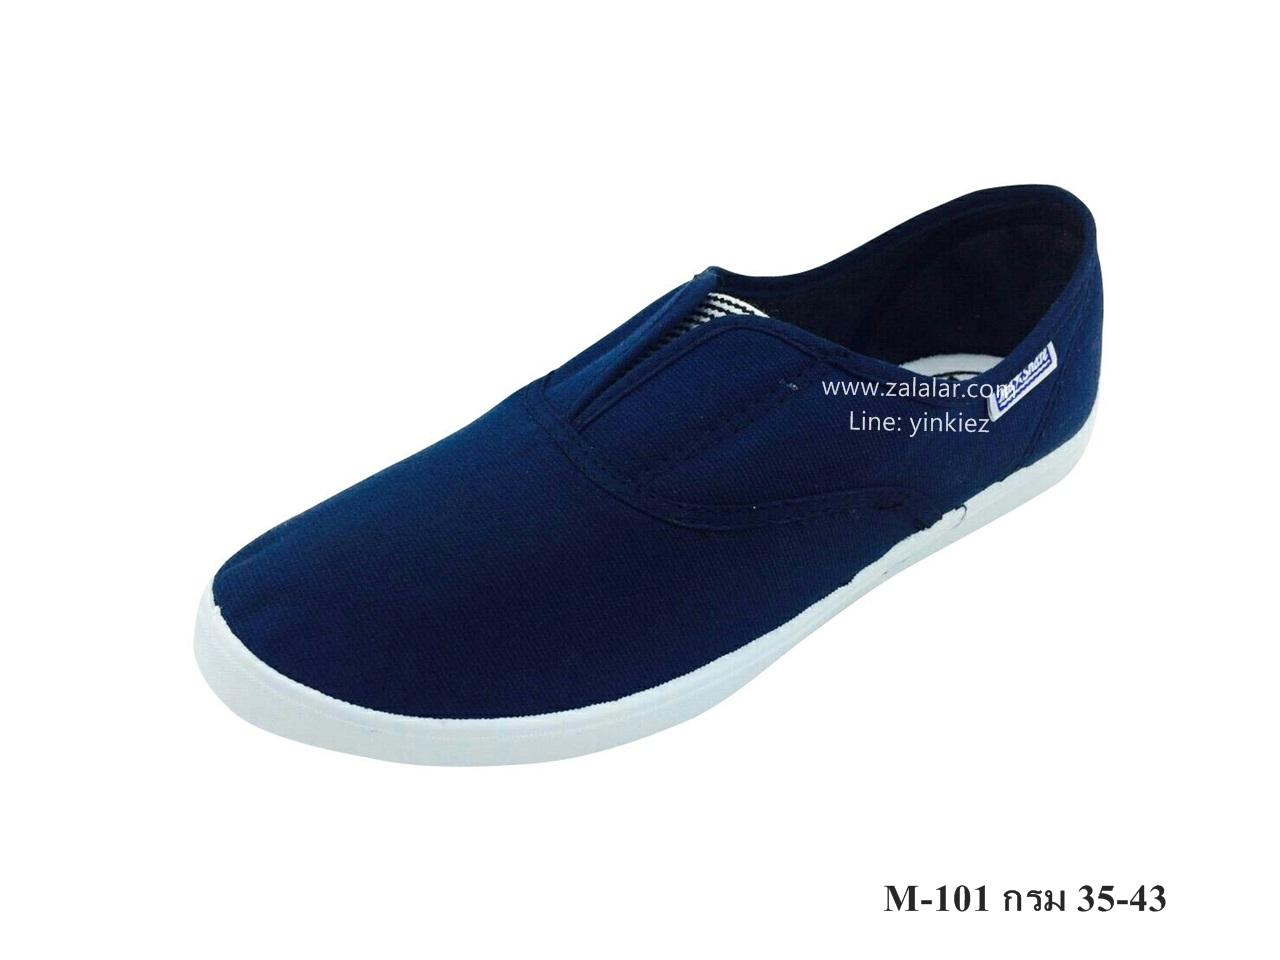 [พร้อมส่ง] รองเท้าผ้าใบแฟชั่น รุ่น M-101 สีกรม แบบสวม